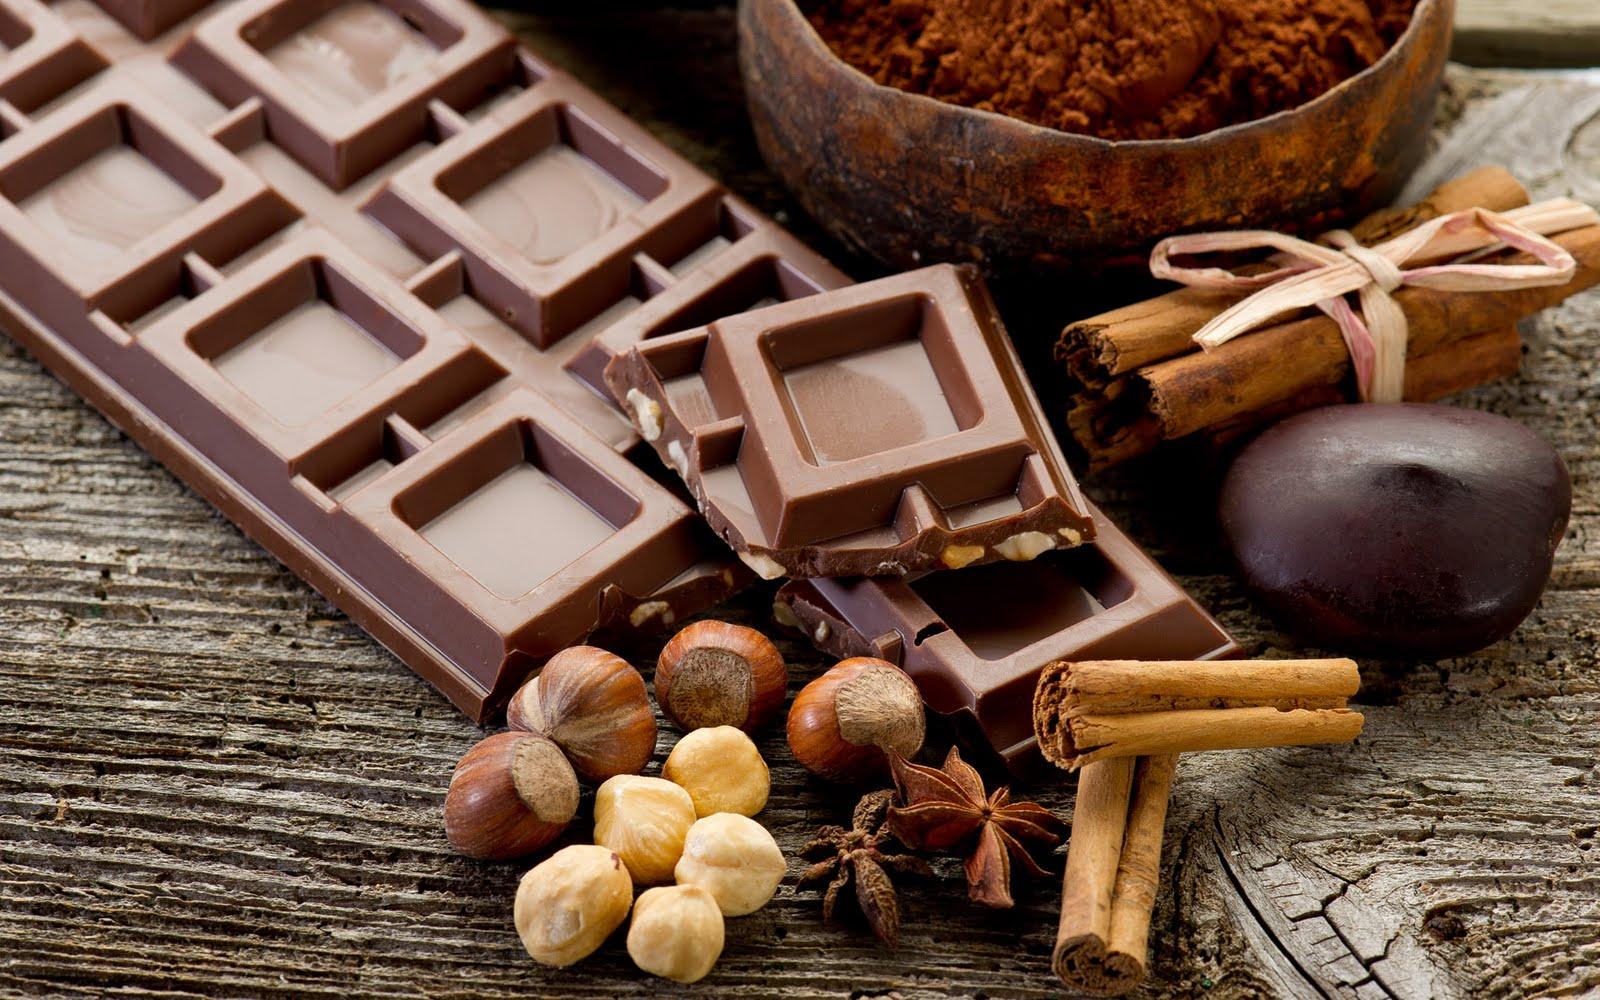 Cioccolato: quinto vizio capitale